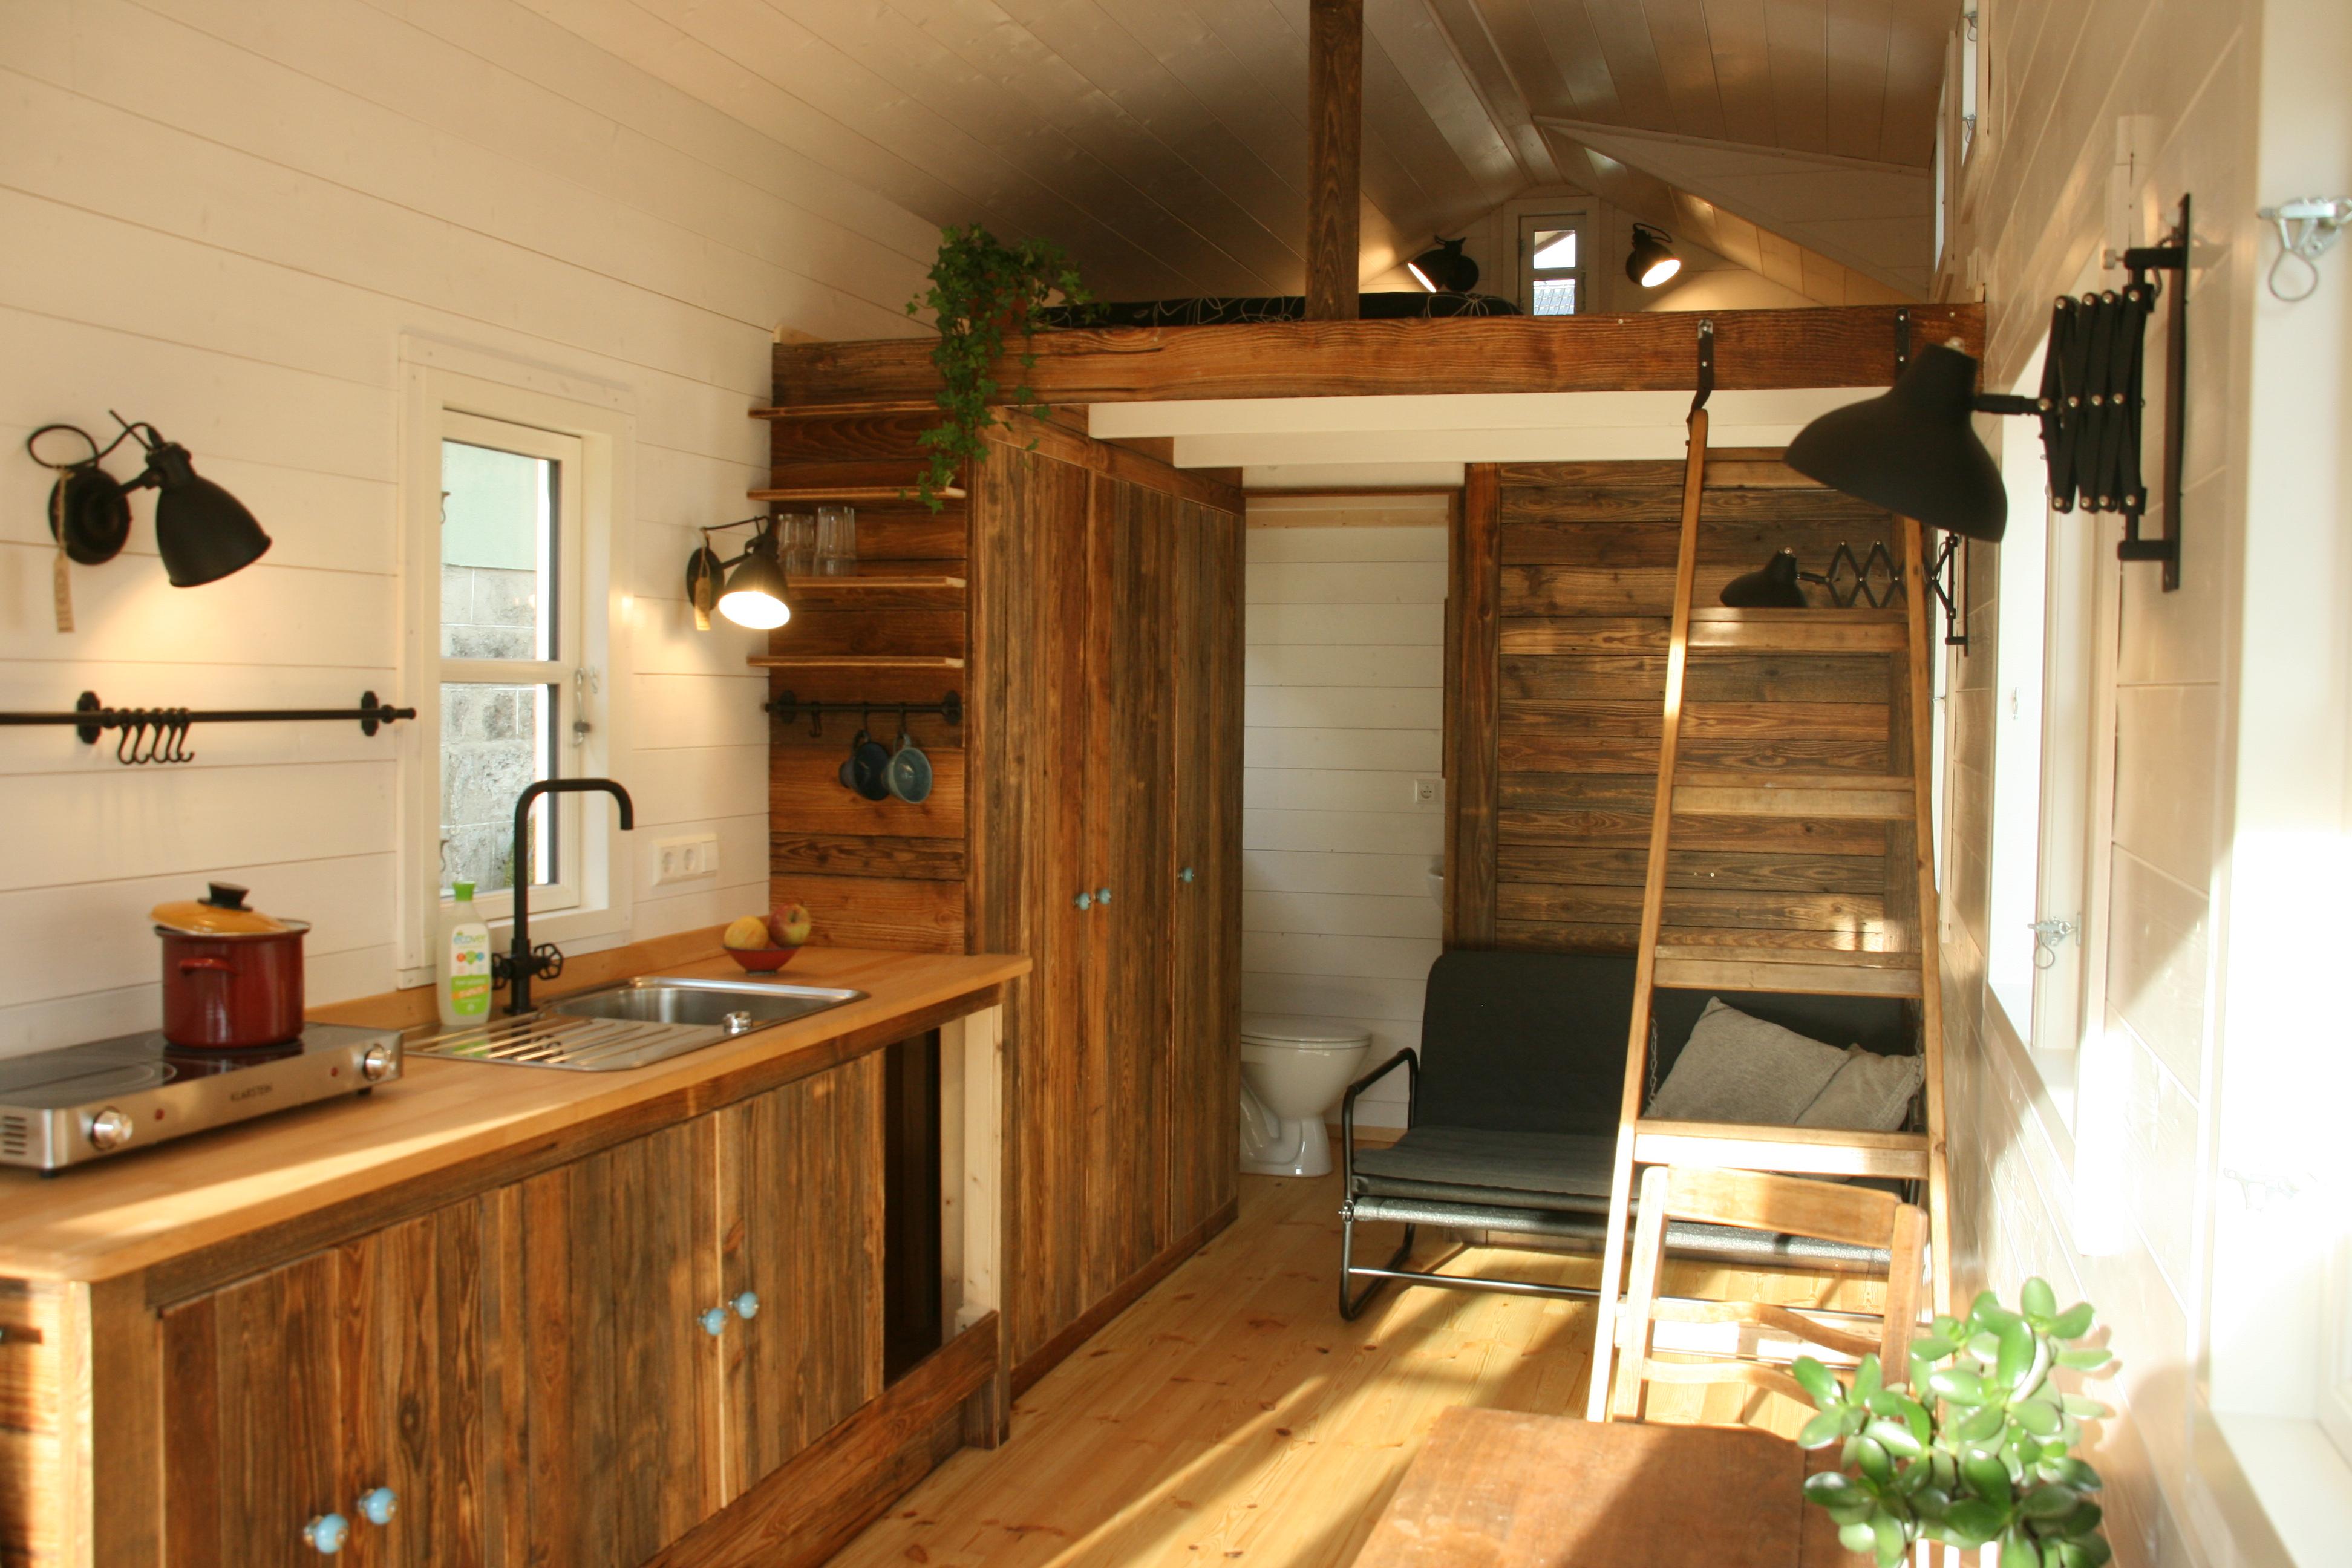 deutscher hersteller von kologischen tiny houses kleinernomades webseite. Black Bedroom Furniture Sets. Home Design Ideas